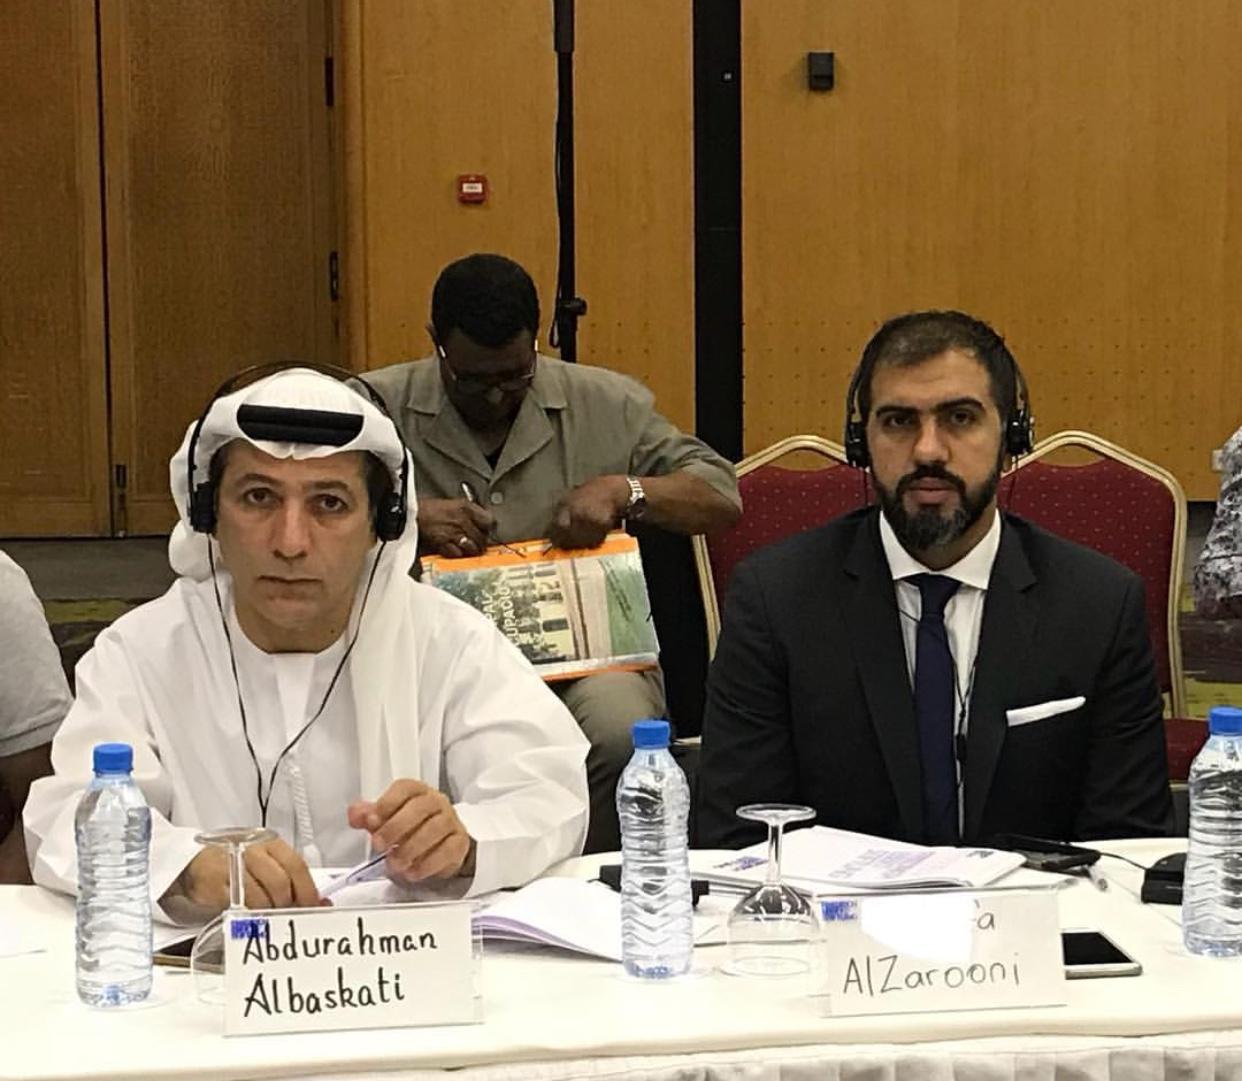 مشاركة جمعية الصحفيين اليوم في الاجتماع الإقليمي لنقابات الصحفيين في العالم العربي والشرق الأوسط